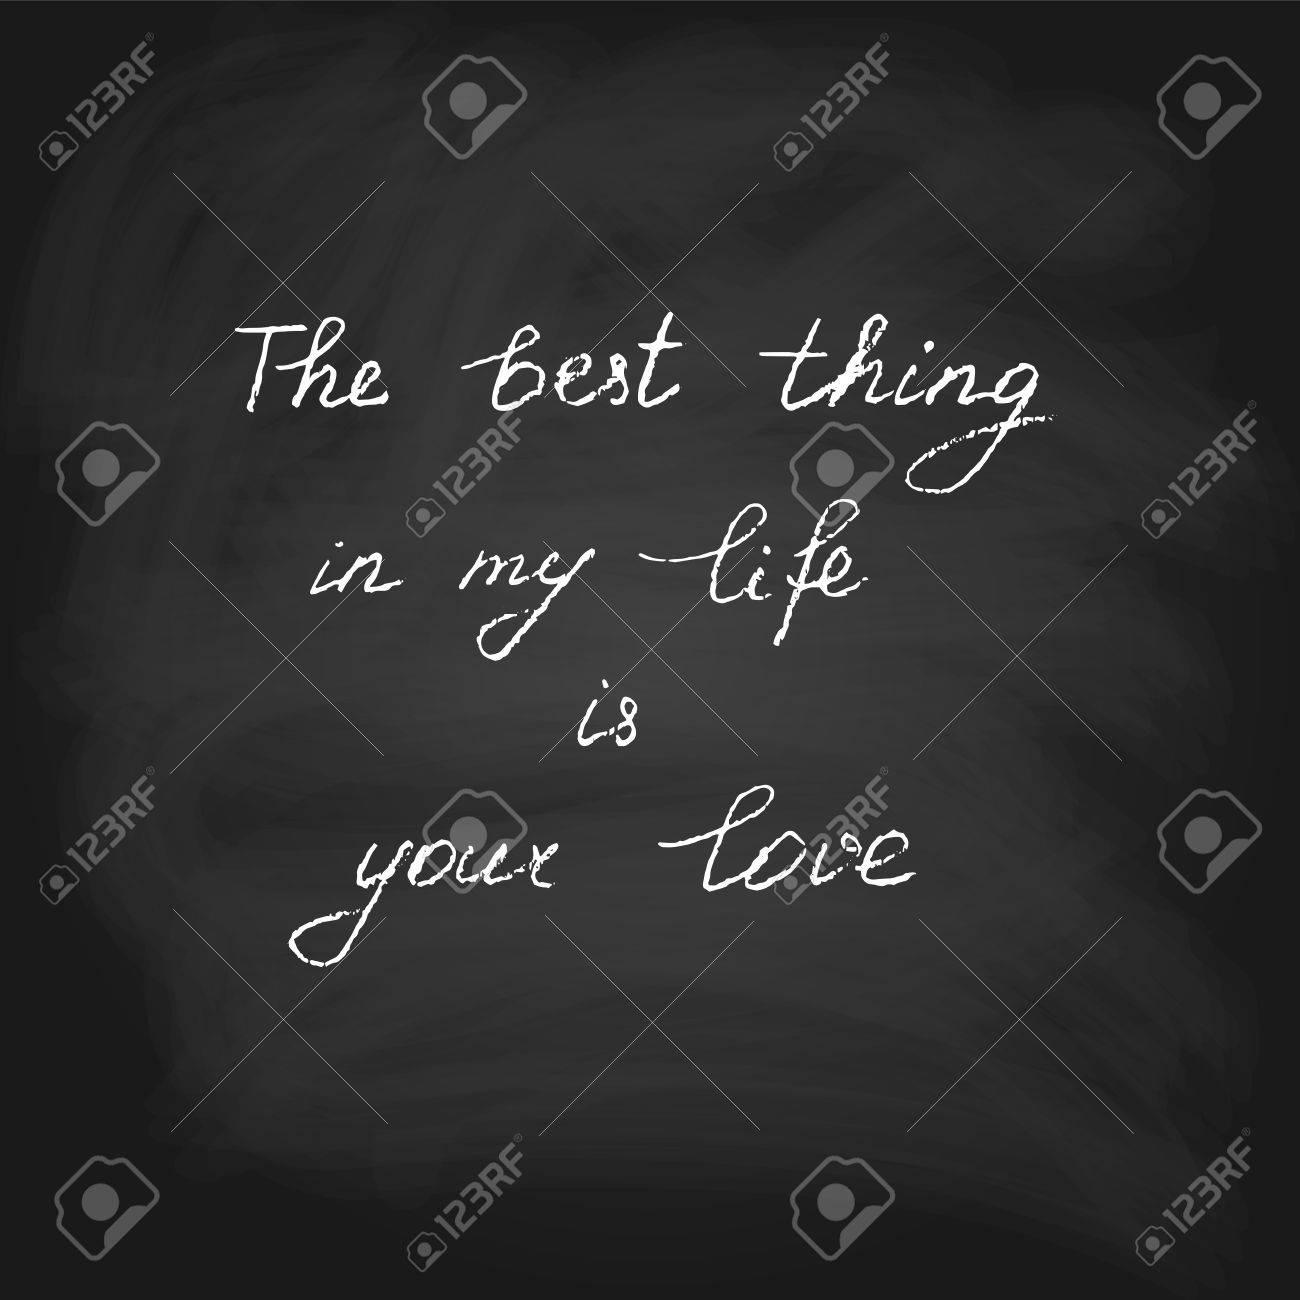 Lo Mejor De Mi Vida Es Tu Amor Texto Escrito A Mano En Estilo Tiza